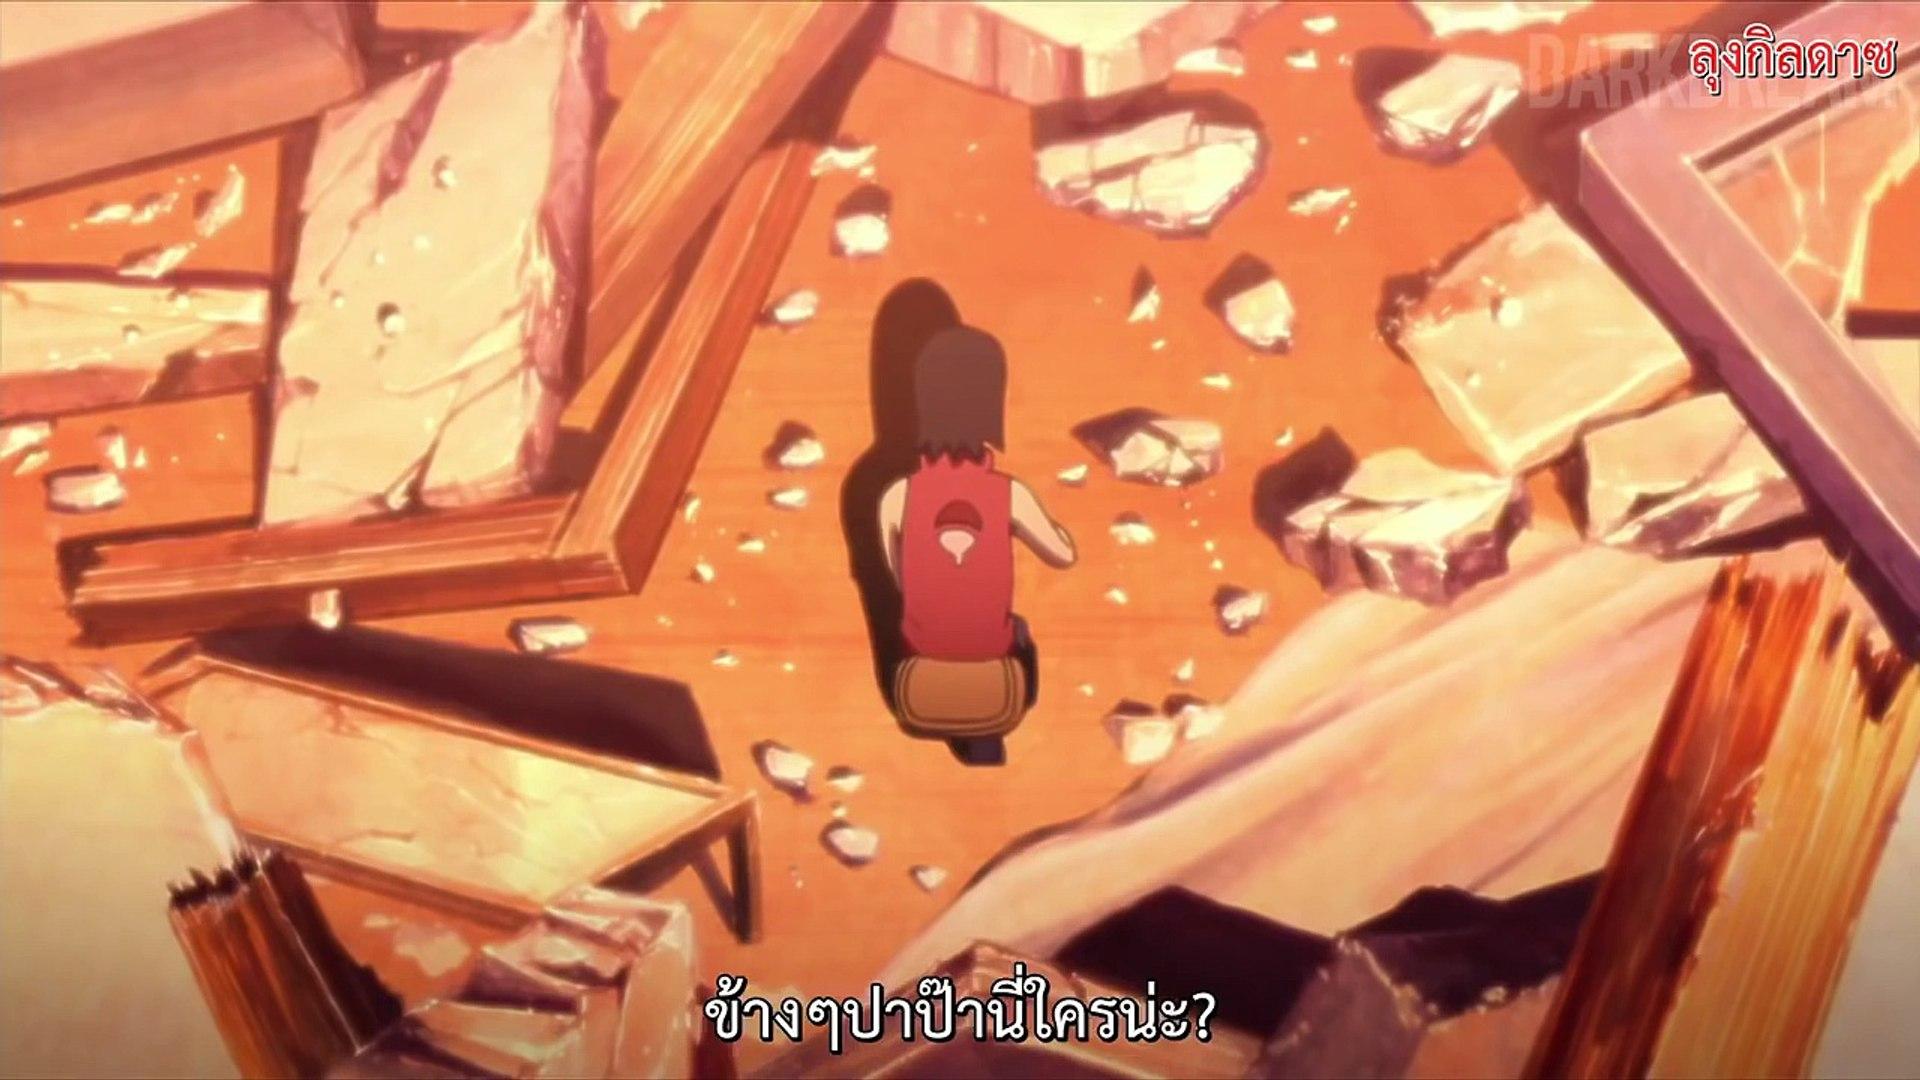 ซาสึเกะใช้คาถาไฟแค่มือเดียว I นารูโตะฮีลด้วยเซลฮาชิรามะ : ตอนที่ 21 : Boruto Naruto Next Generations